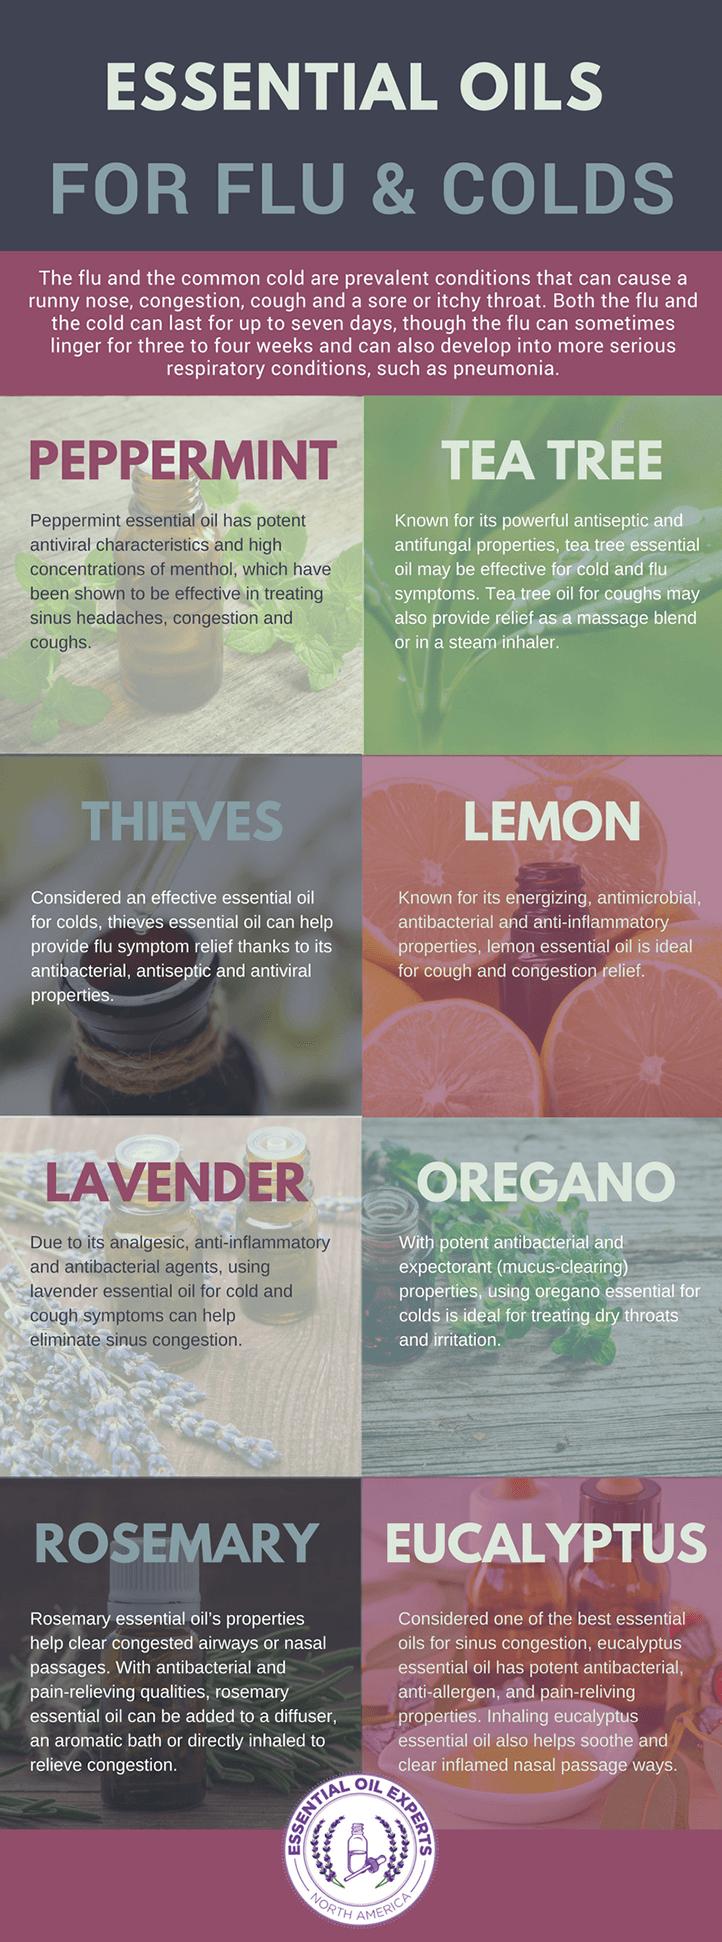 8 Essential Oils for Flu & Colds | EssentialOilExperts.com